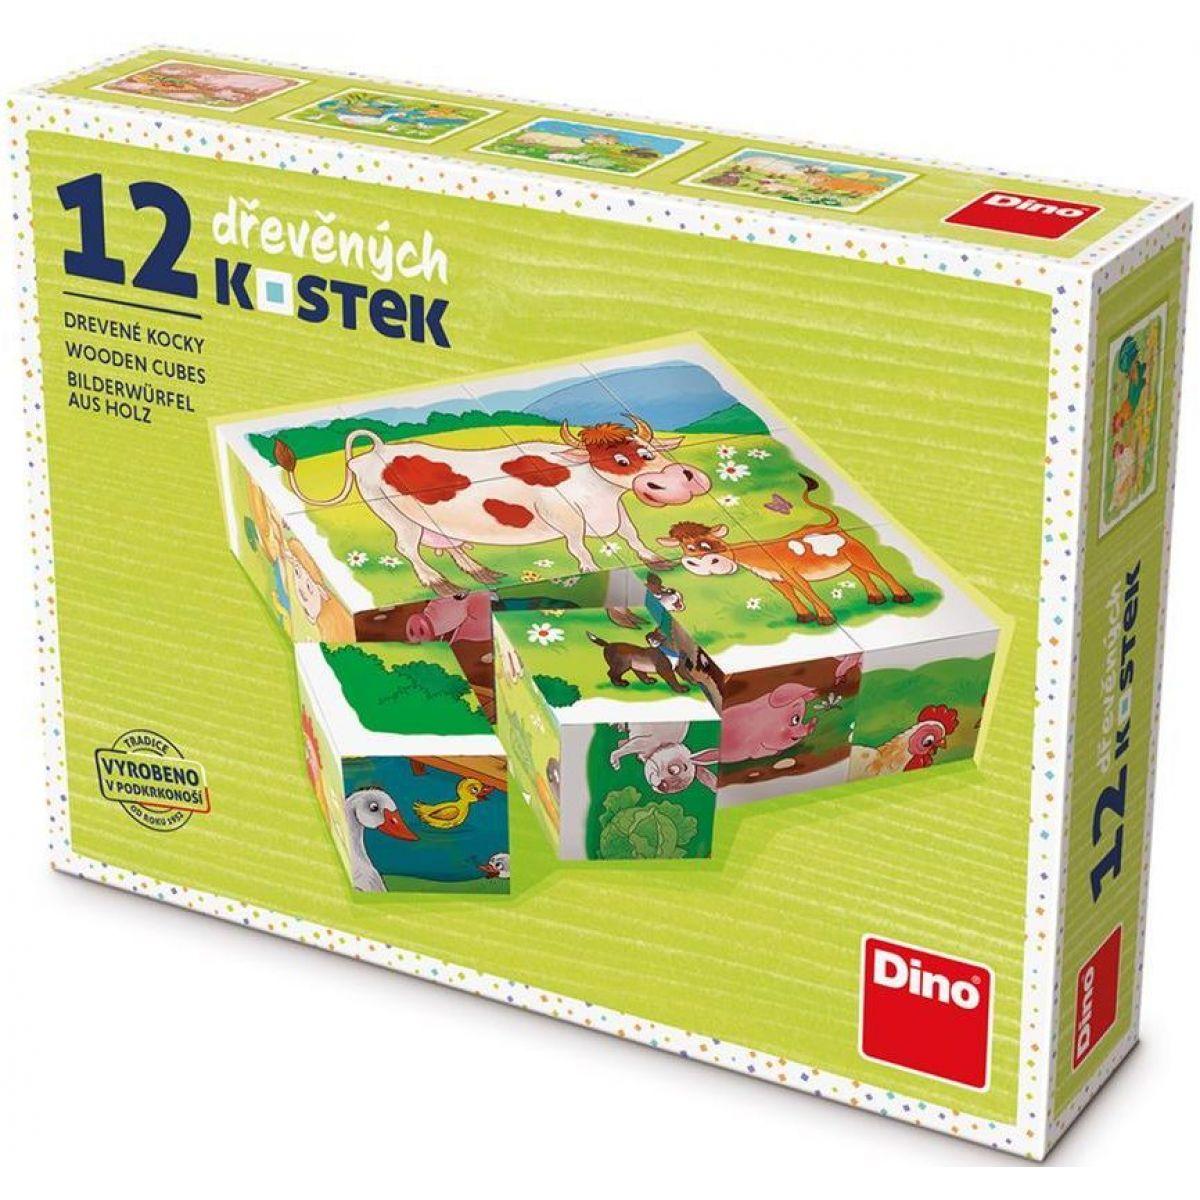 Dino Na Farme drevené kocky 12 ks